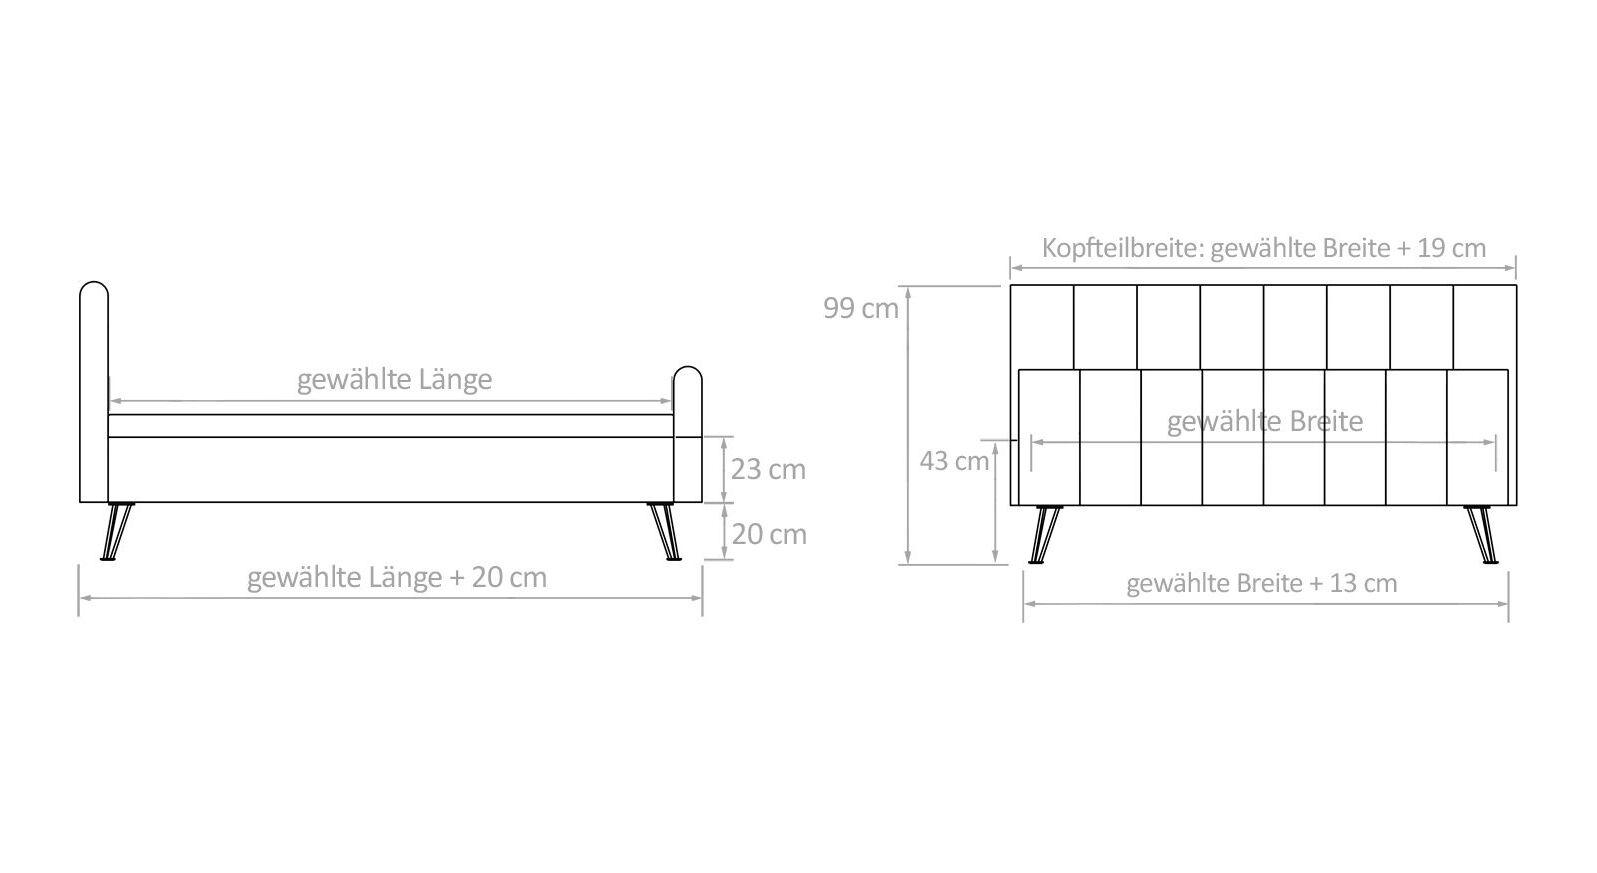 Infograifk zu den Maßangaben vom Bett Celica